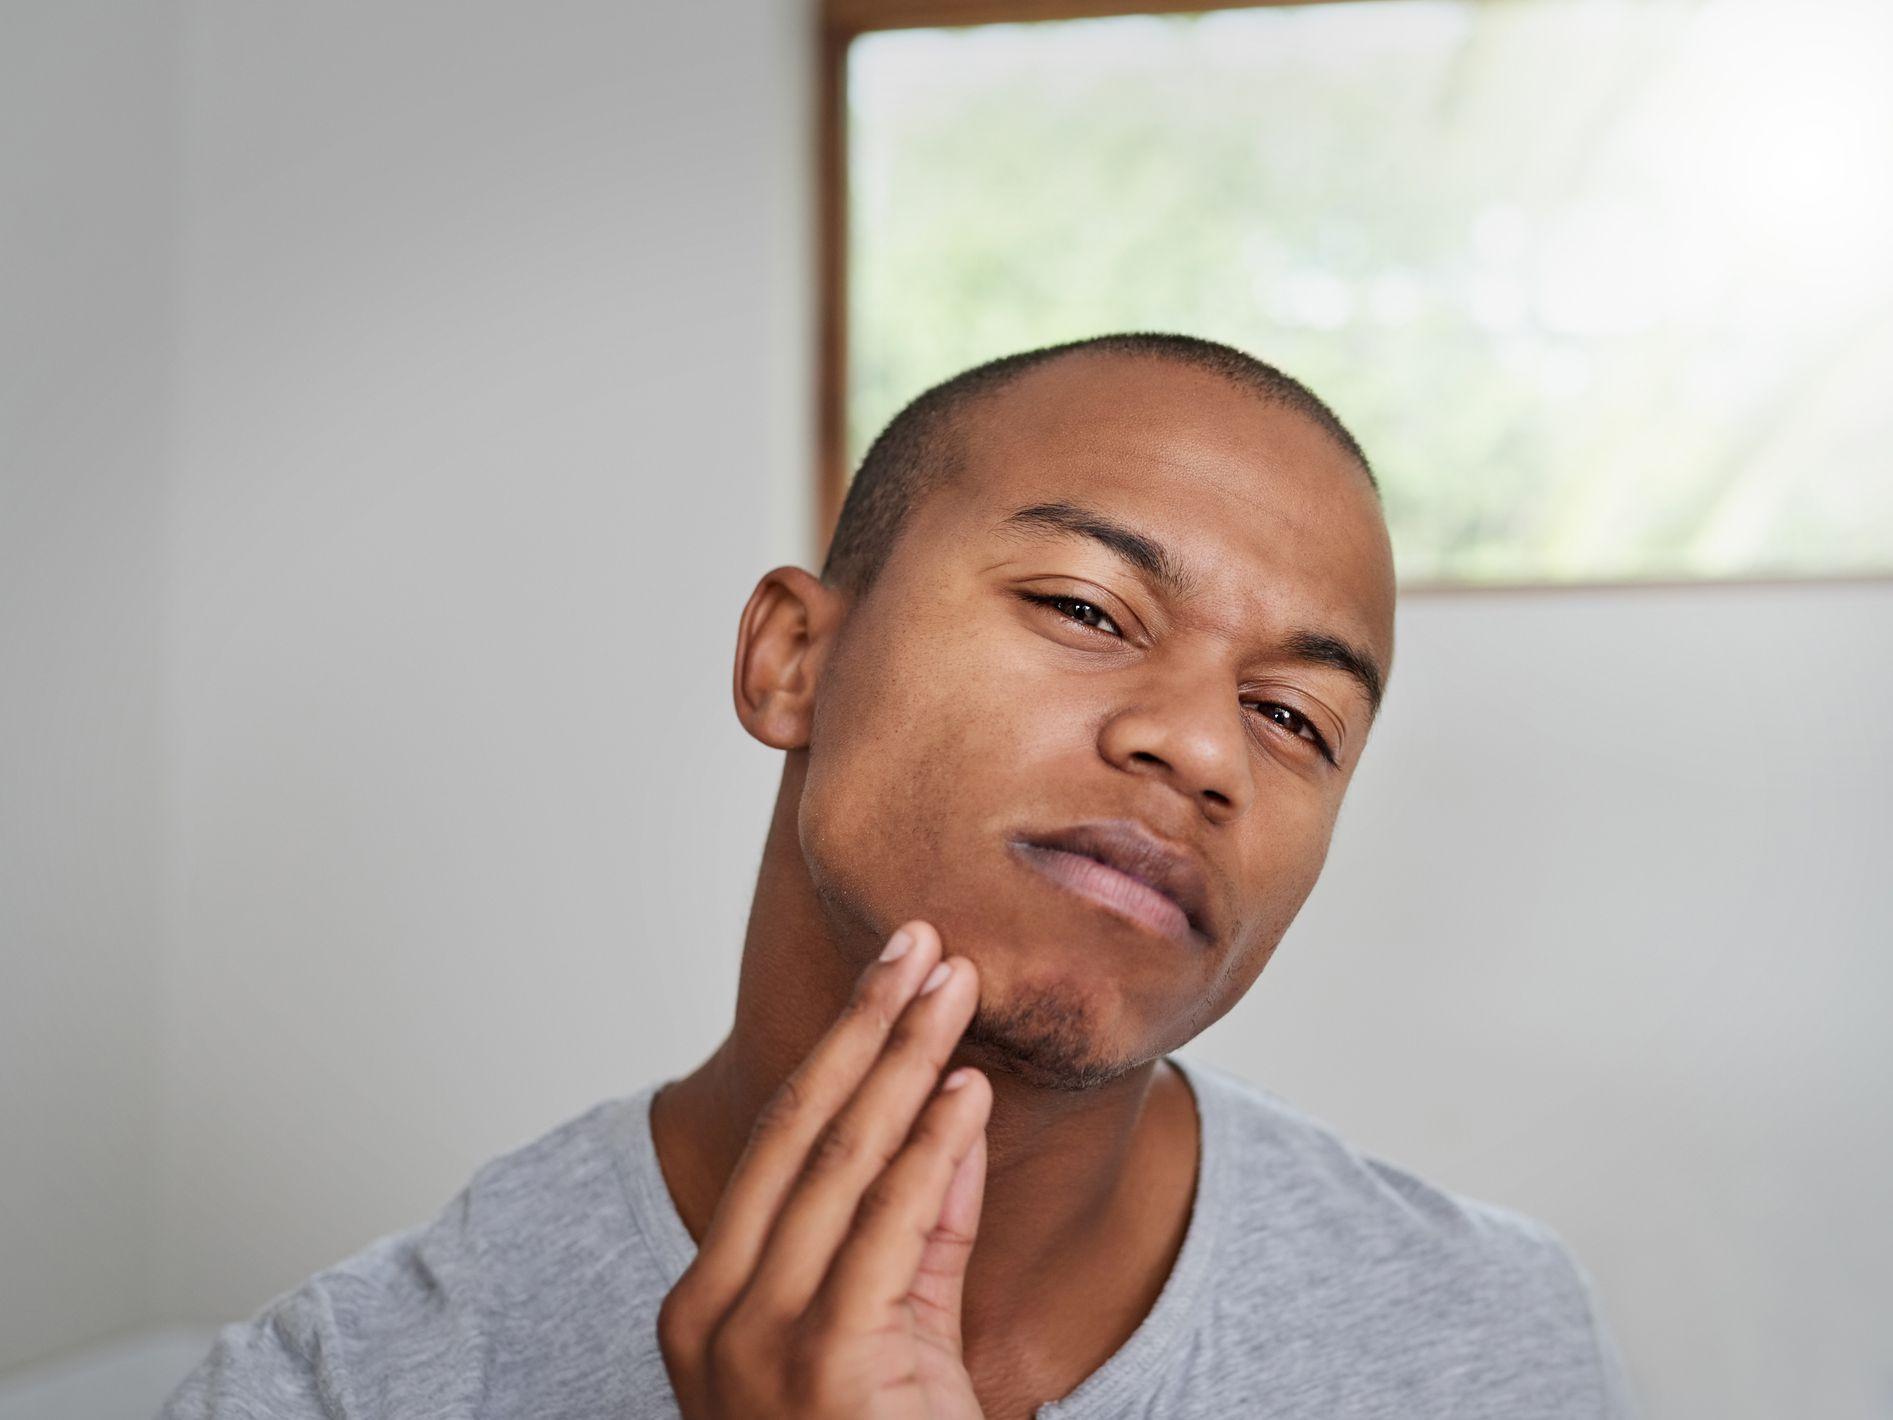 Best Face Care Tips For Black Men